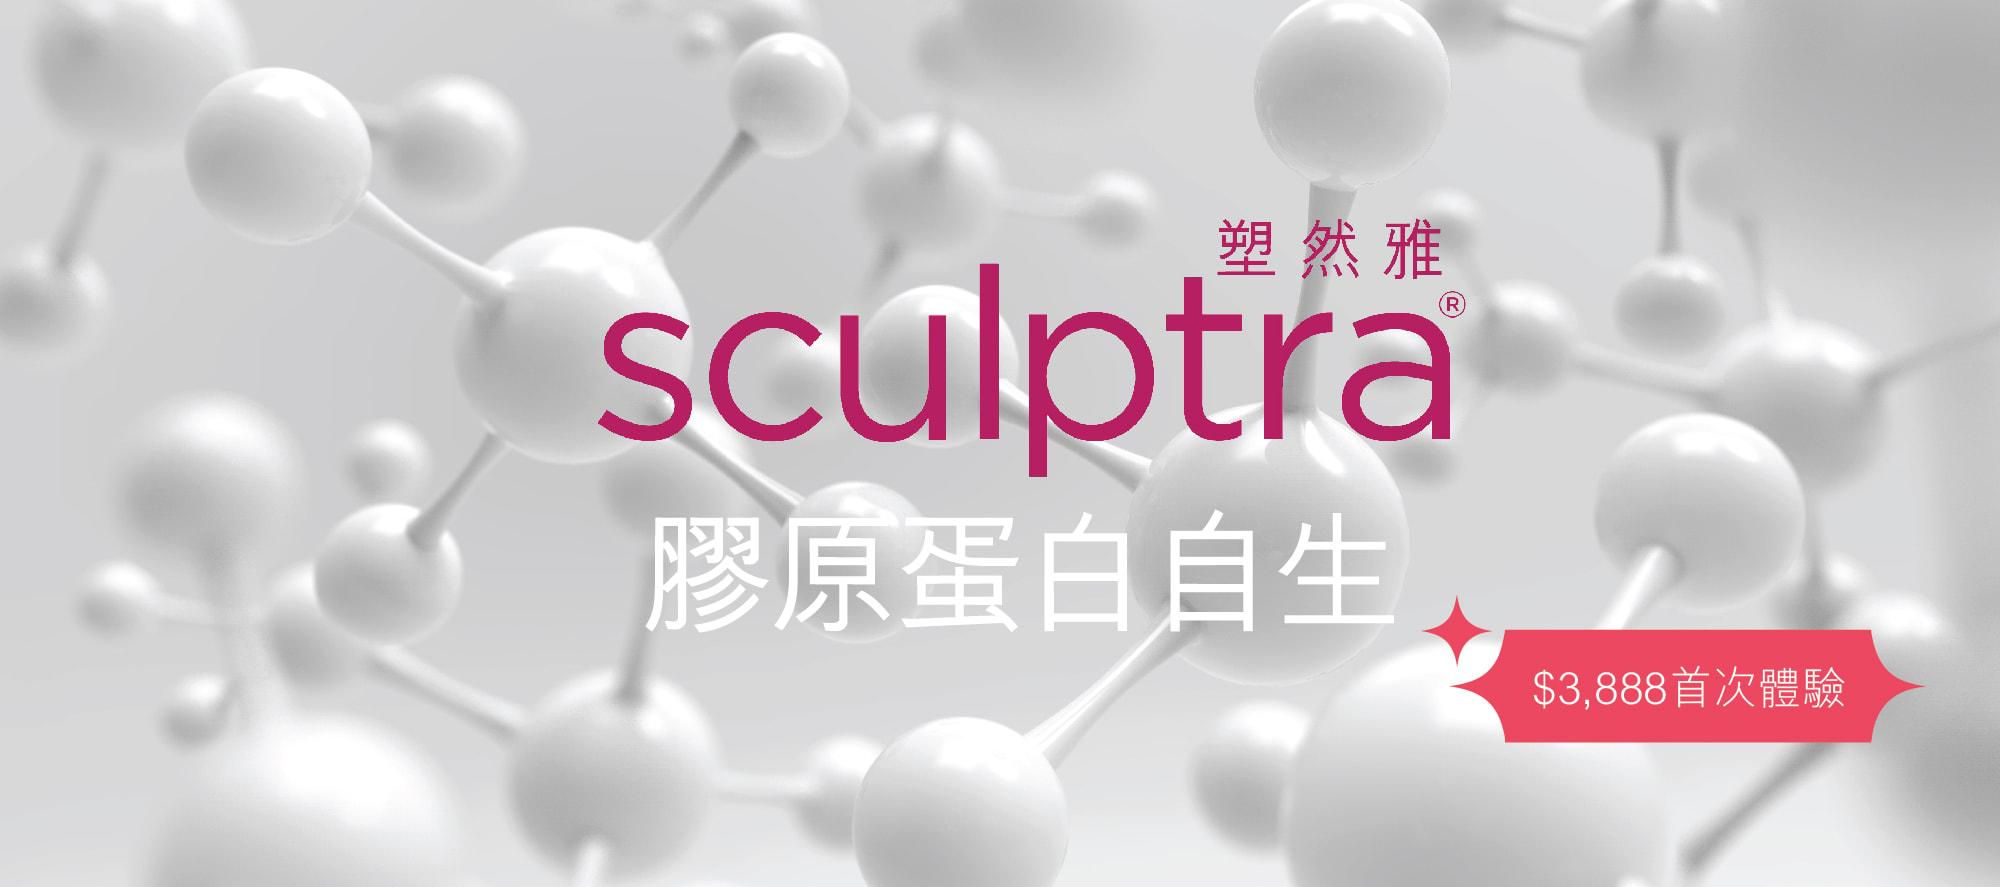 體驗Sculptra塑然雅膠原自生